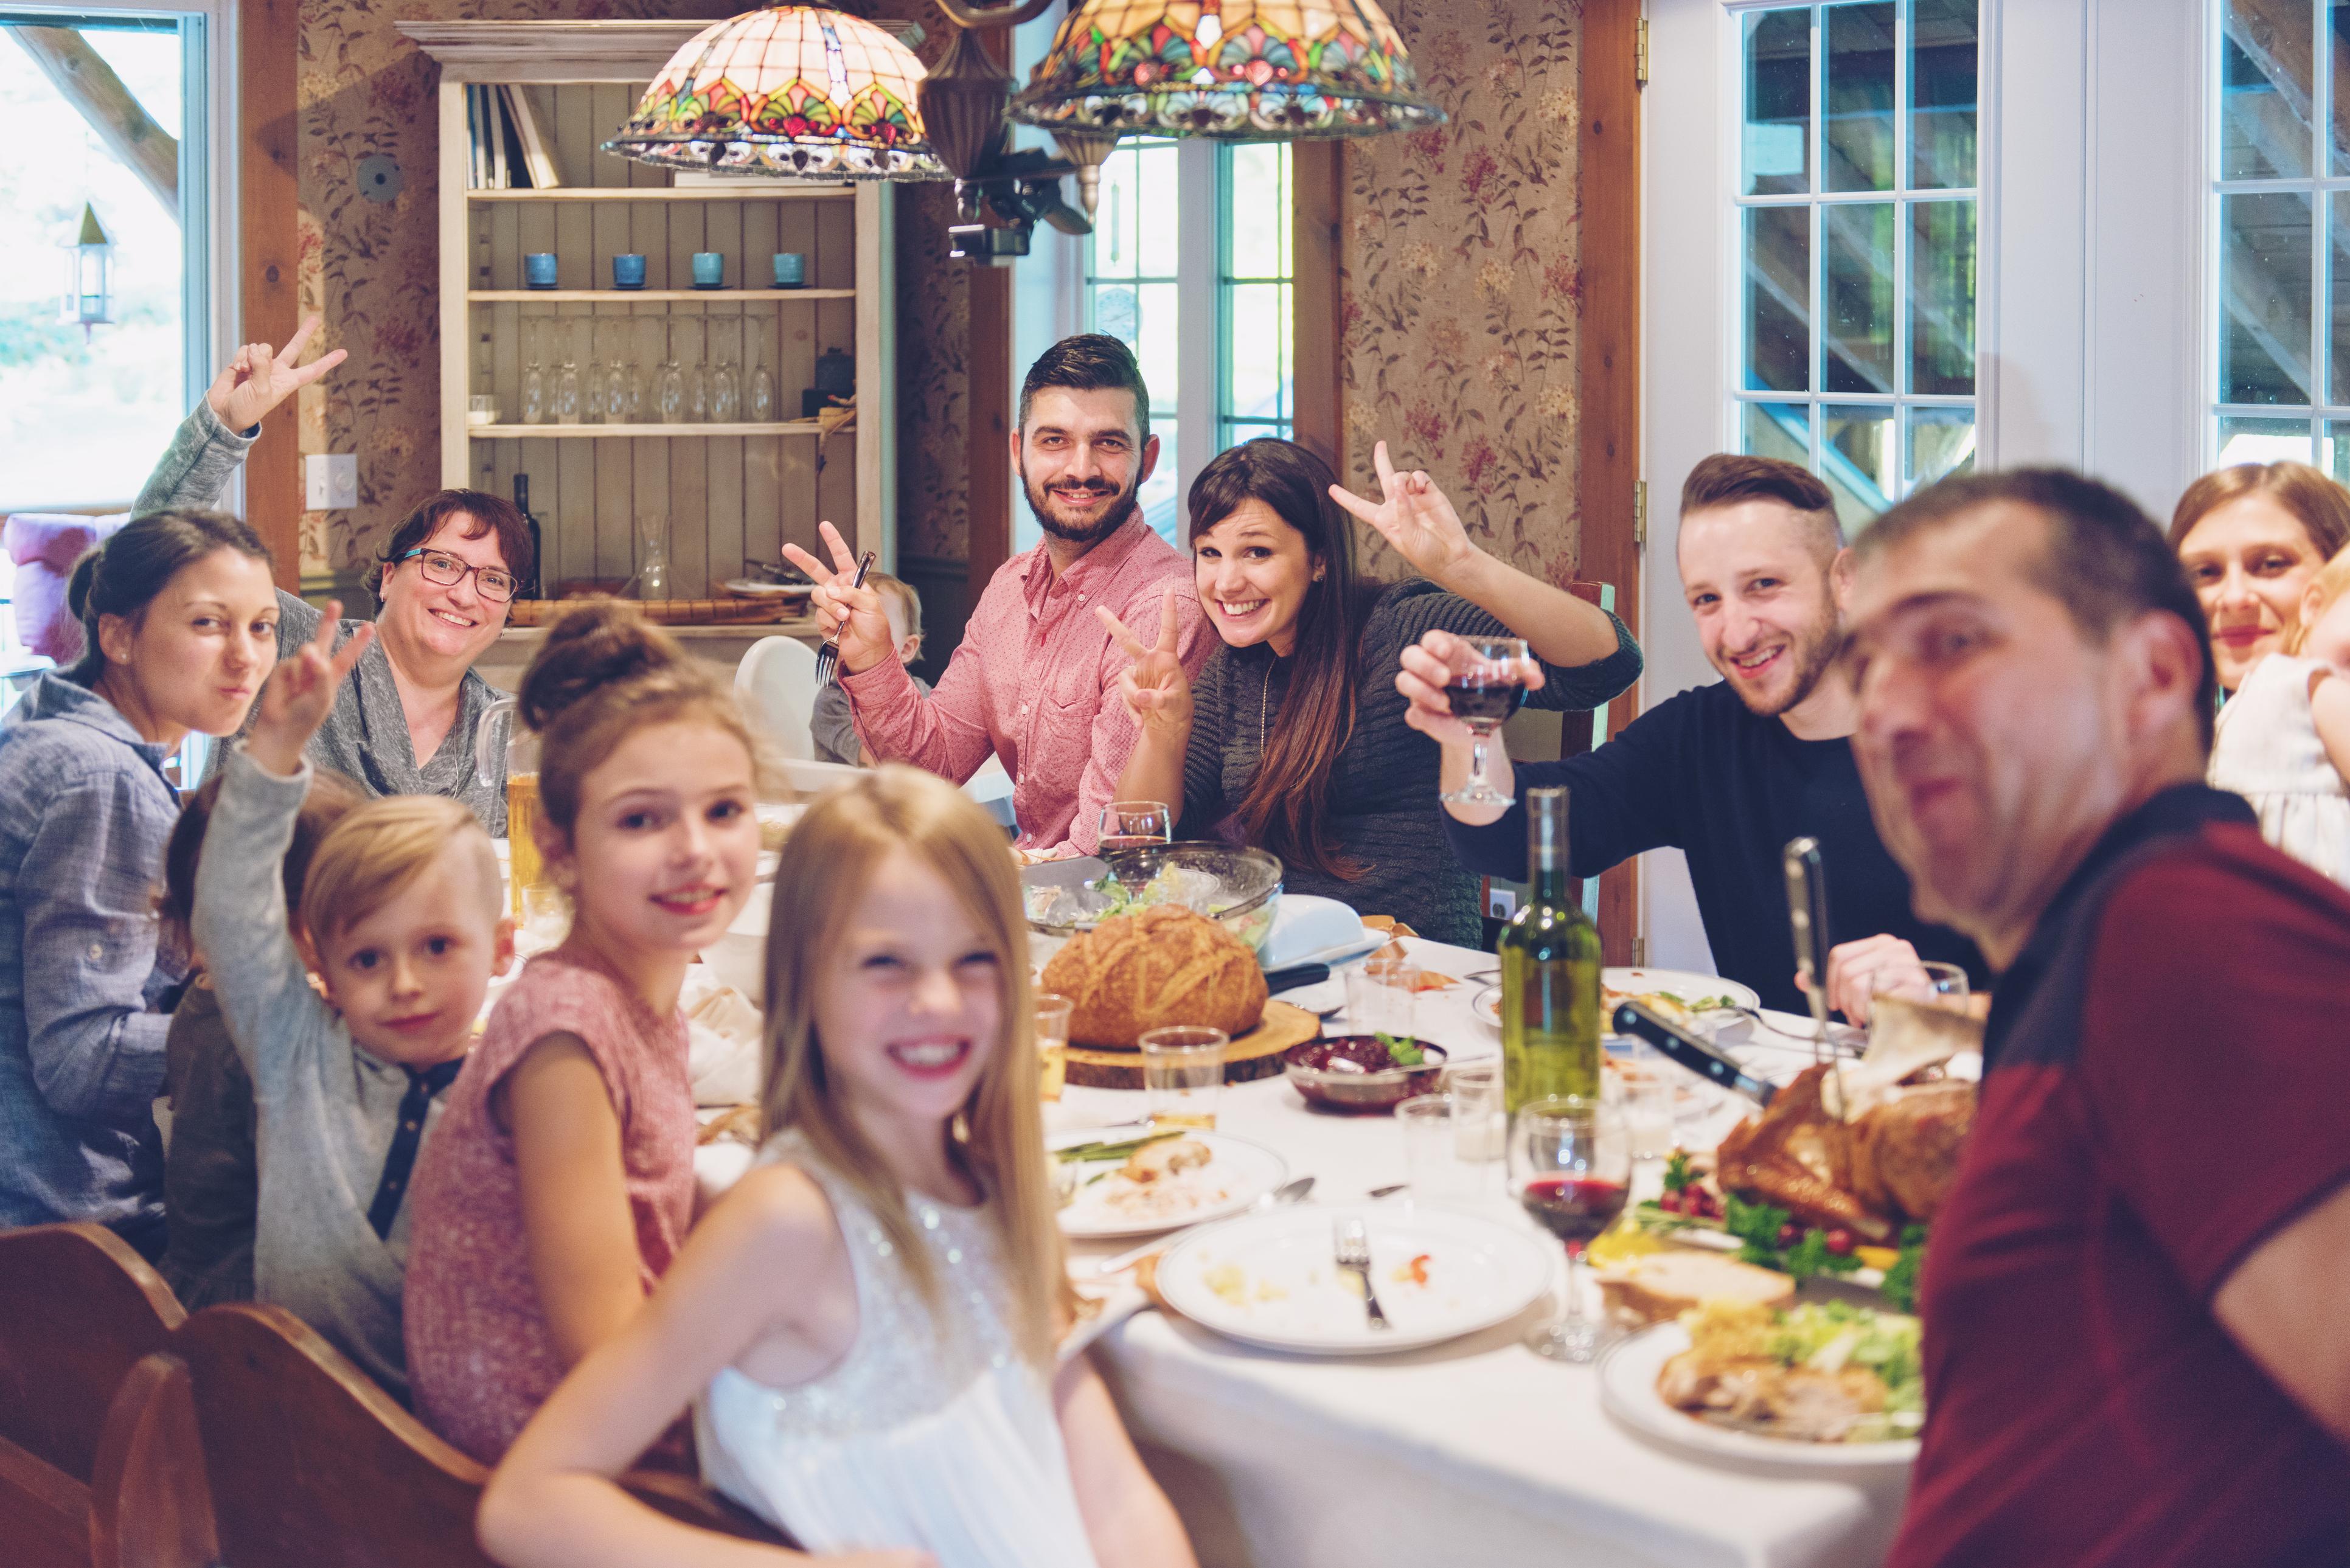 <p>На 21 ноември православната църква чества празника Въведение Богородично - Деня на християнското семейство и младеж. Според Светото писание на този ден родителите на 3-годишната Мария я завели в Йерусалимския храм и отдали в служение Богу.</p>